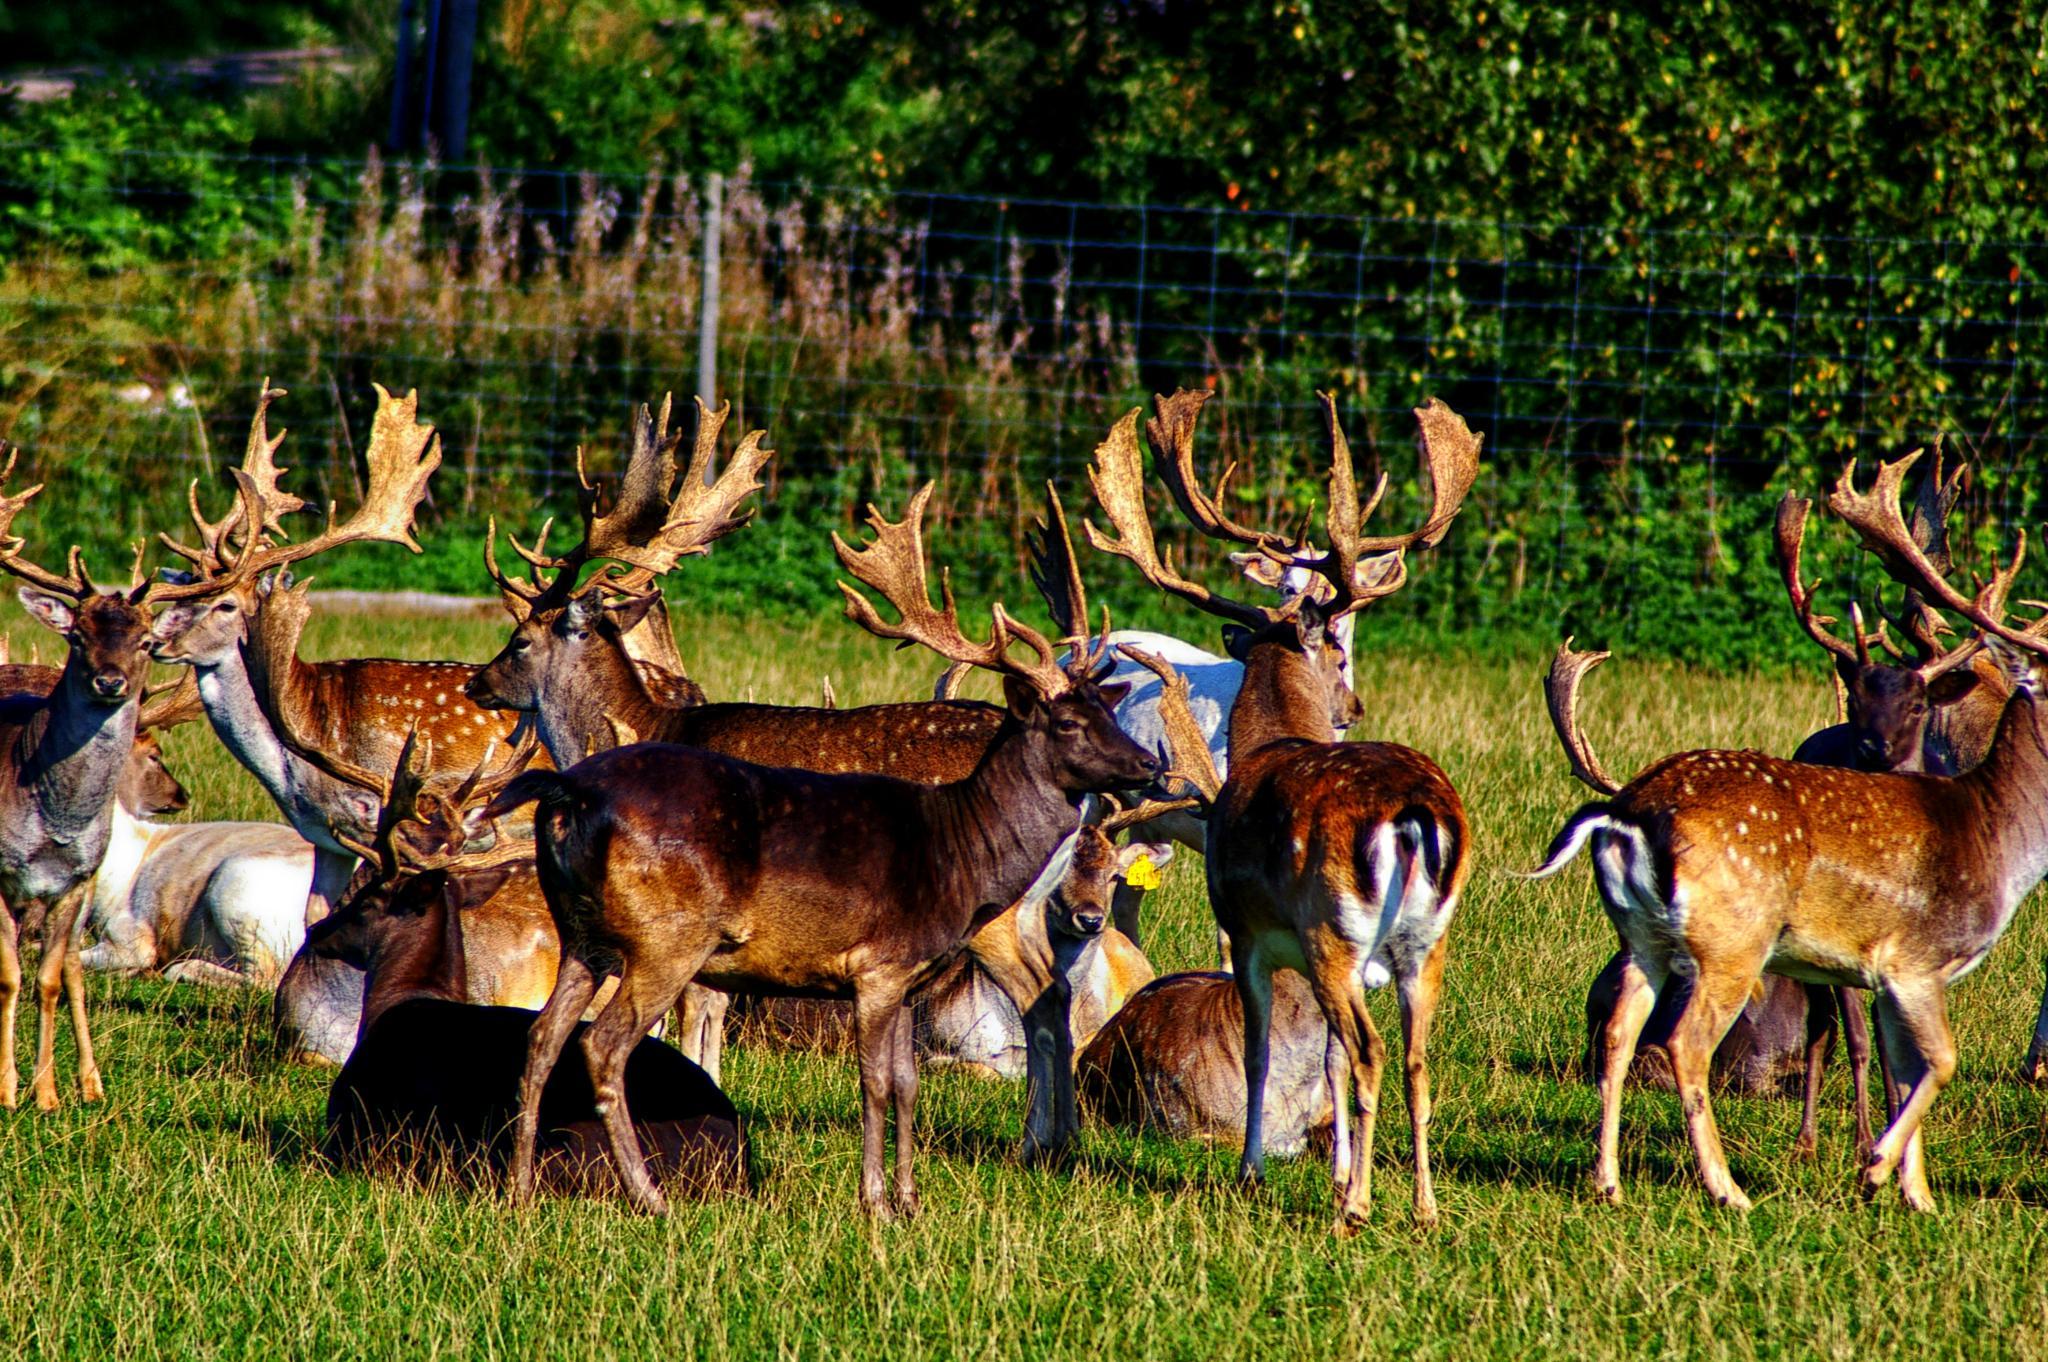 Deer by Lars Svendsen